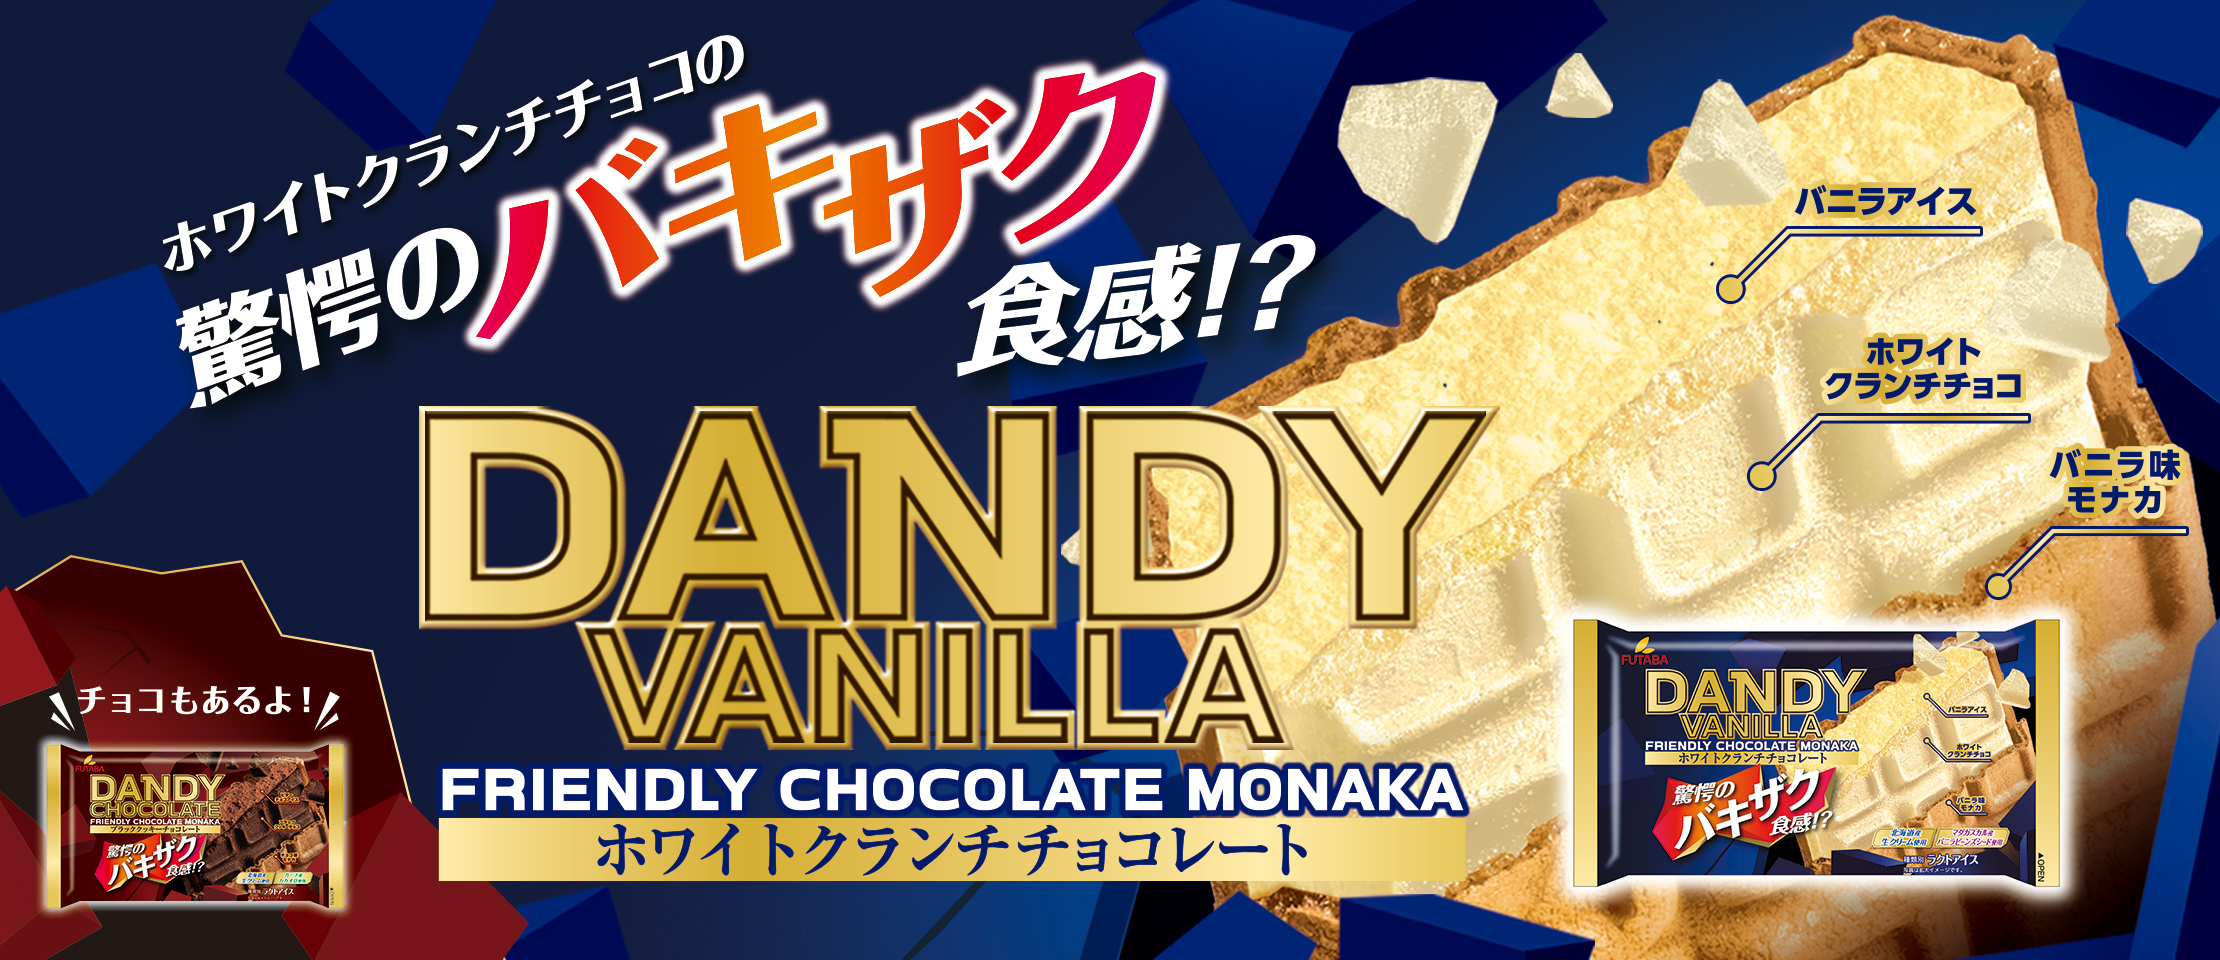 ダンディチョコレート